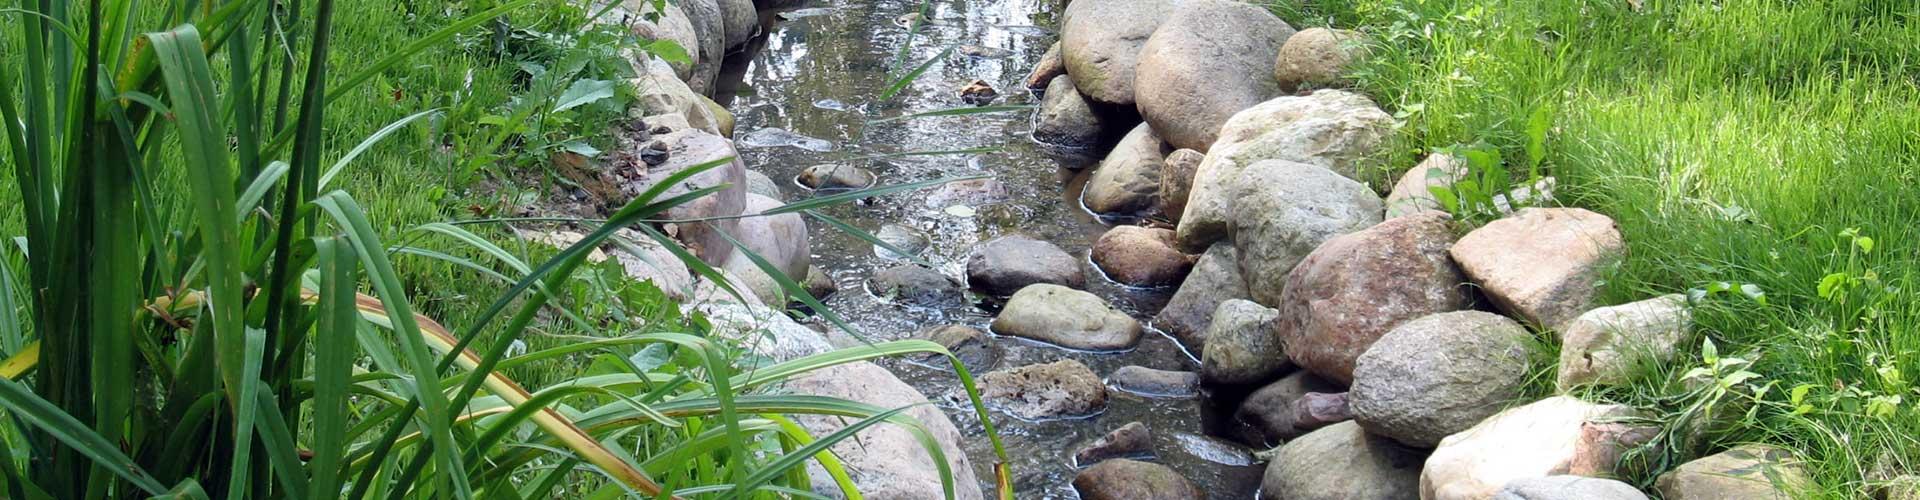 реконструкция пруда и ручья